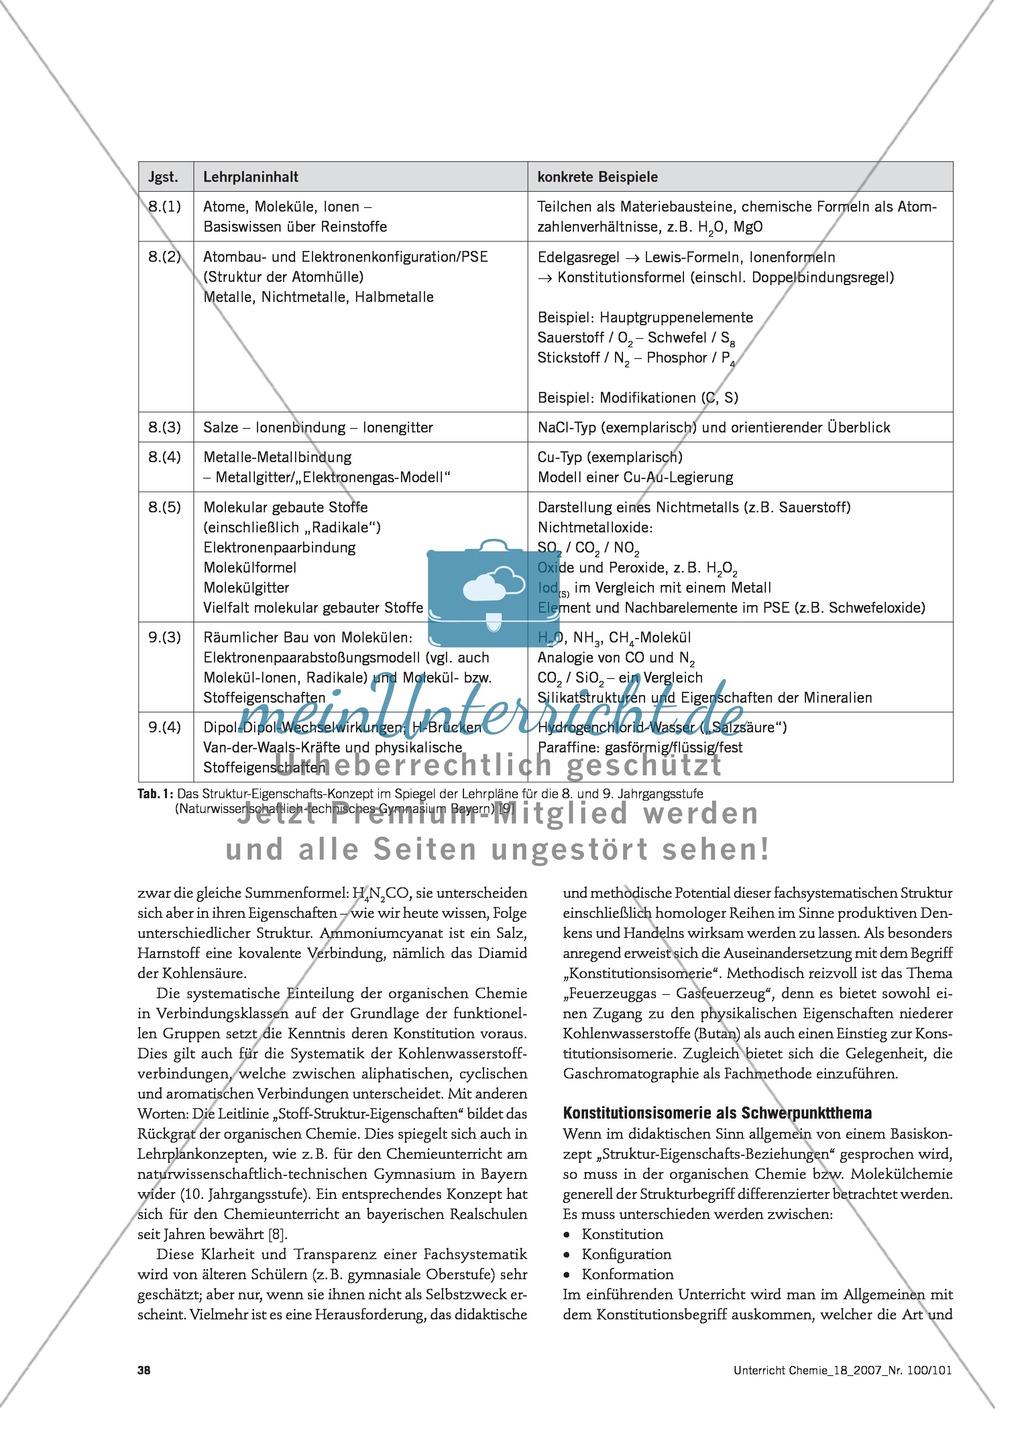 Infotext: Struktur-Eigenschafts-Konzept: Lehrplankonzept Organische und Anorganische Chemie Preview 2